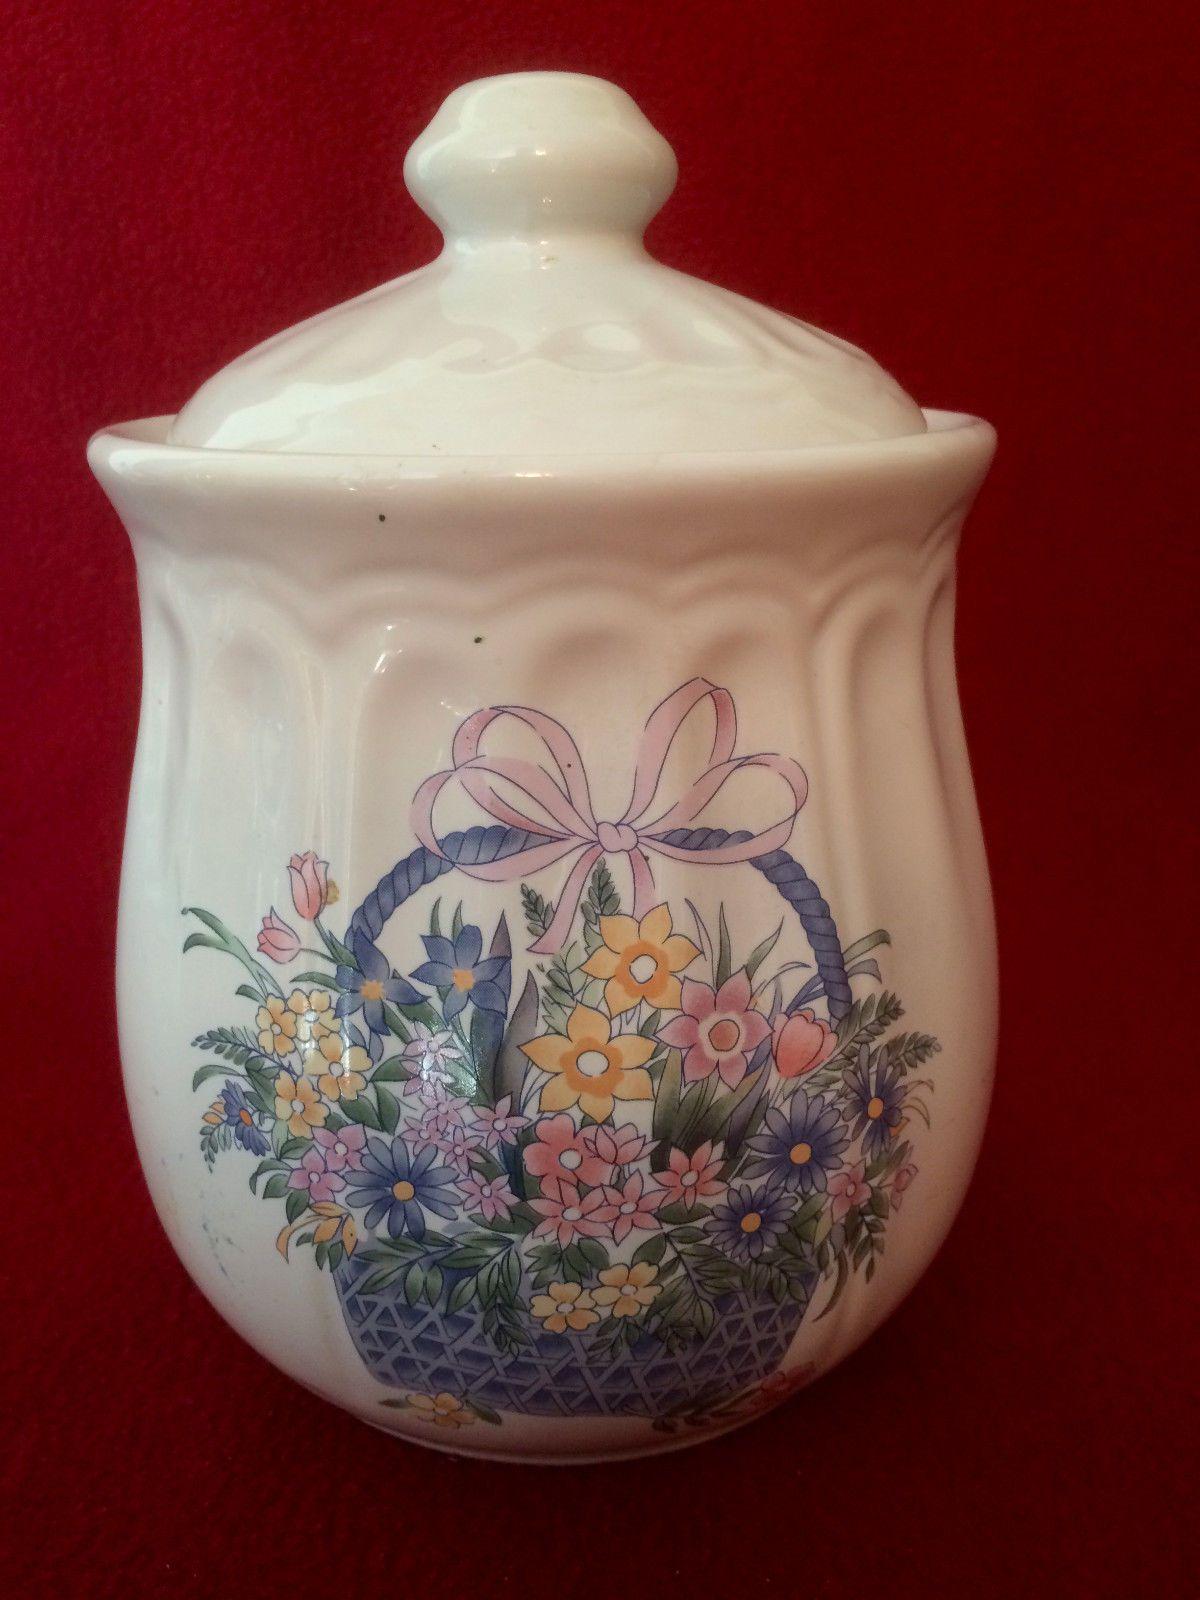 Flower Basket Cookie Jar Canister | eBay